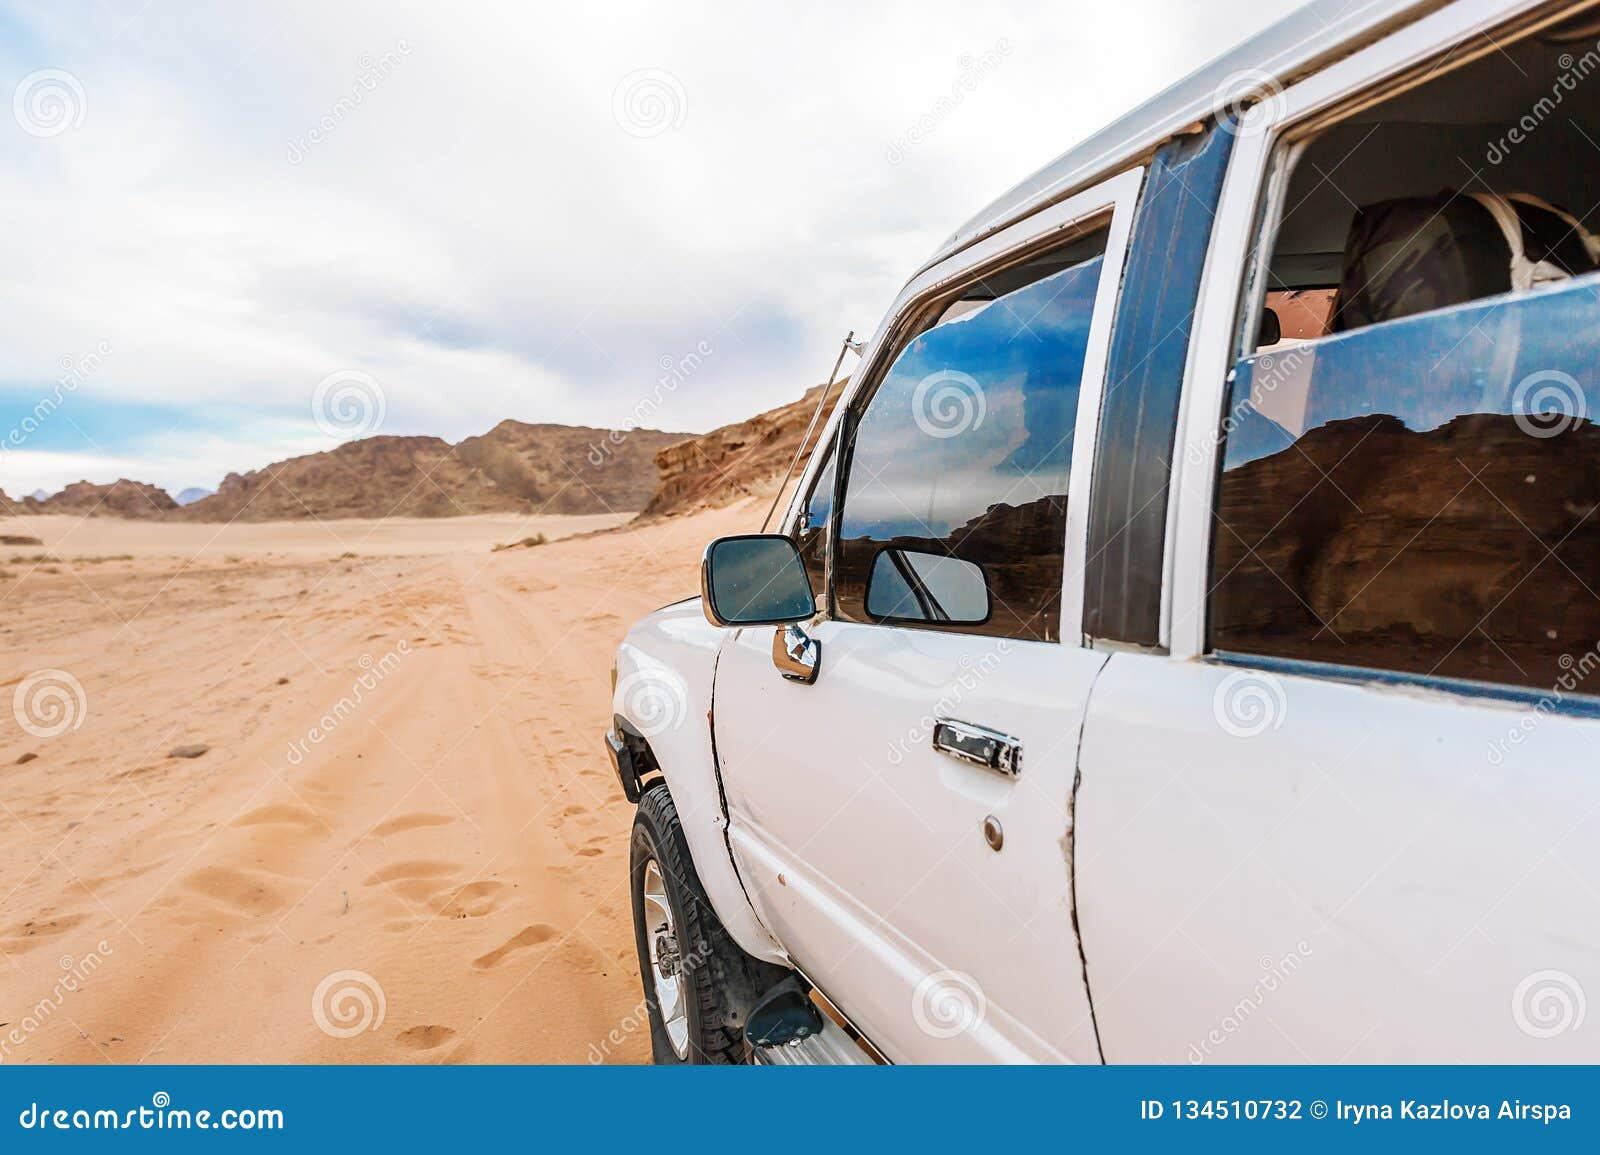 Jeep in the Wadi rum desert. Jordan with car